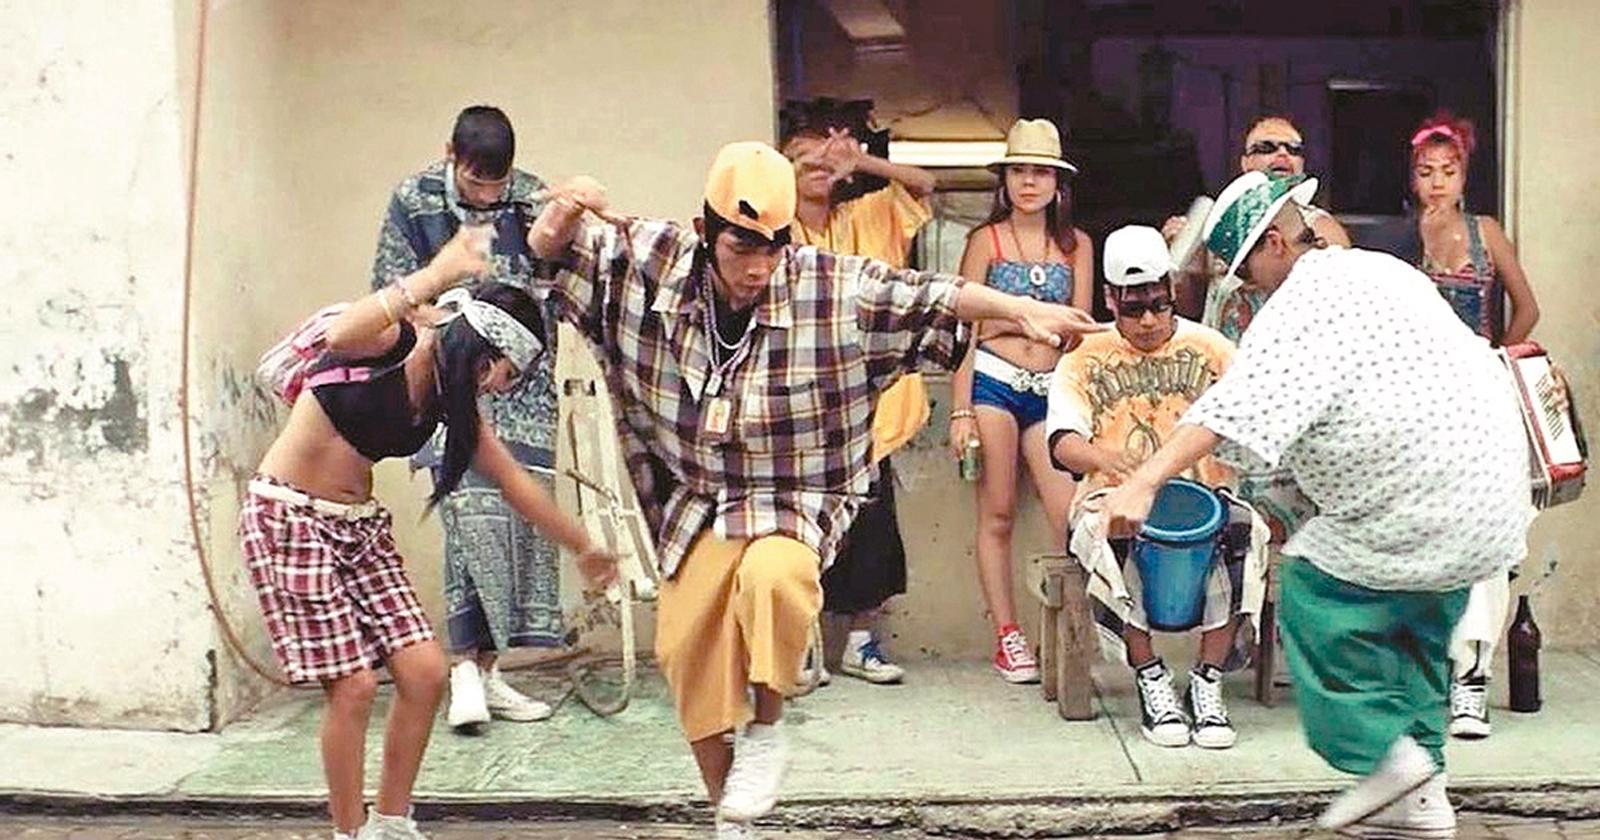 Ulises y su banda bailando cumbia en Monterrey. Destacan sus vestimentas holgadas y coloridas, en una escena de baile de Ya no estoy aquí.